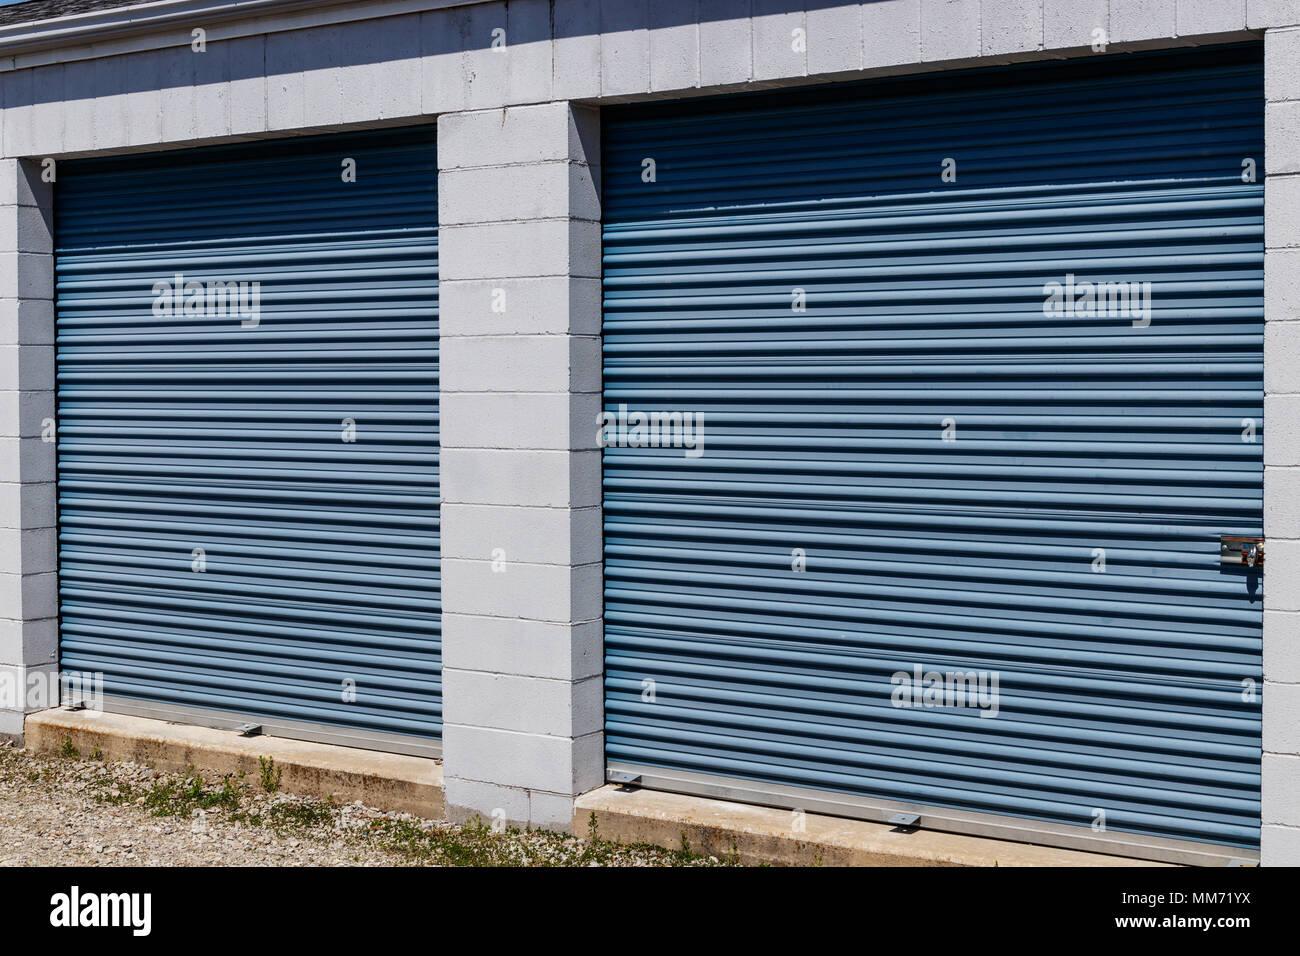 Mini warehouse stock photos mini warehouse stock images for Garage mini rouen